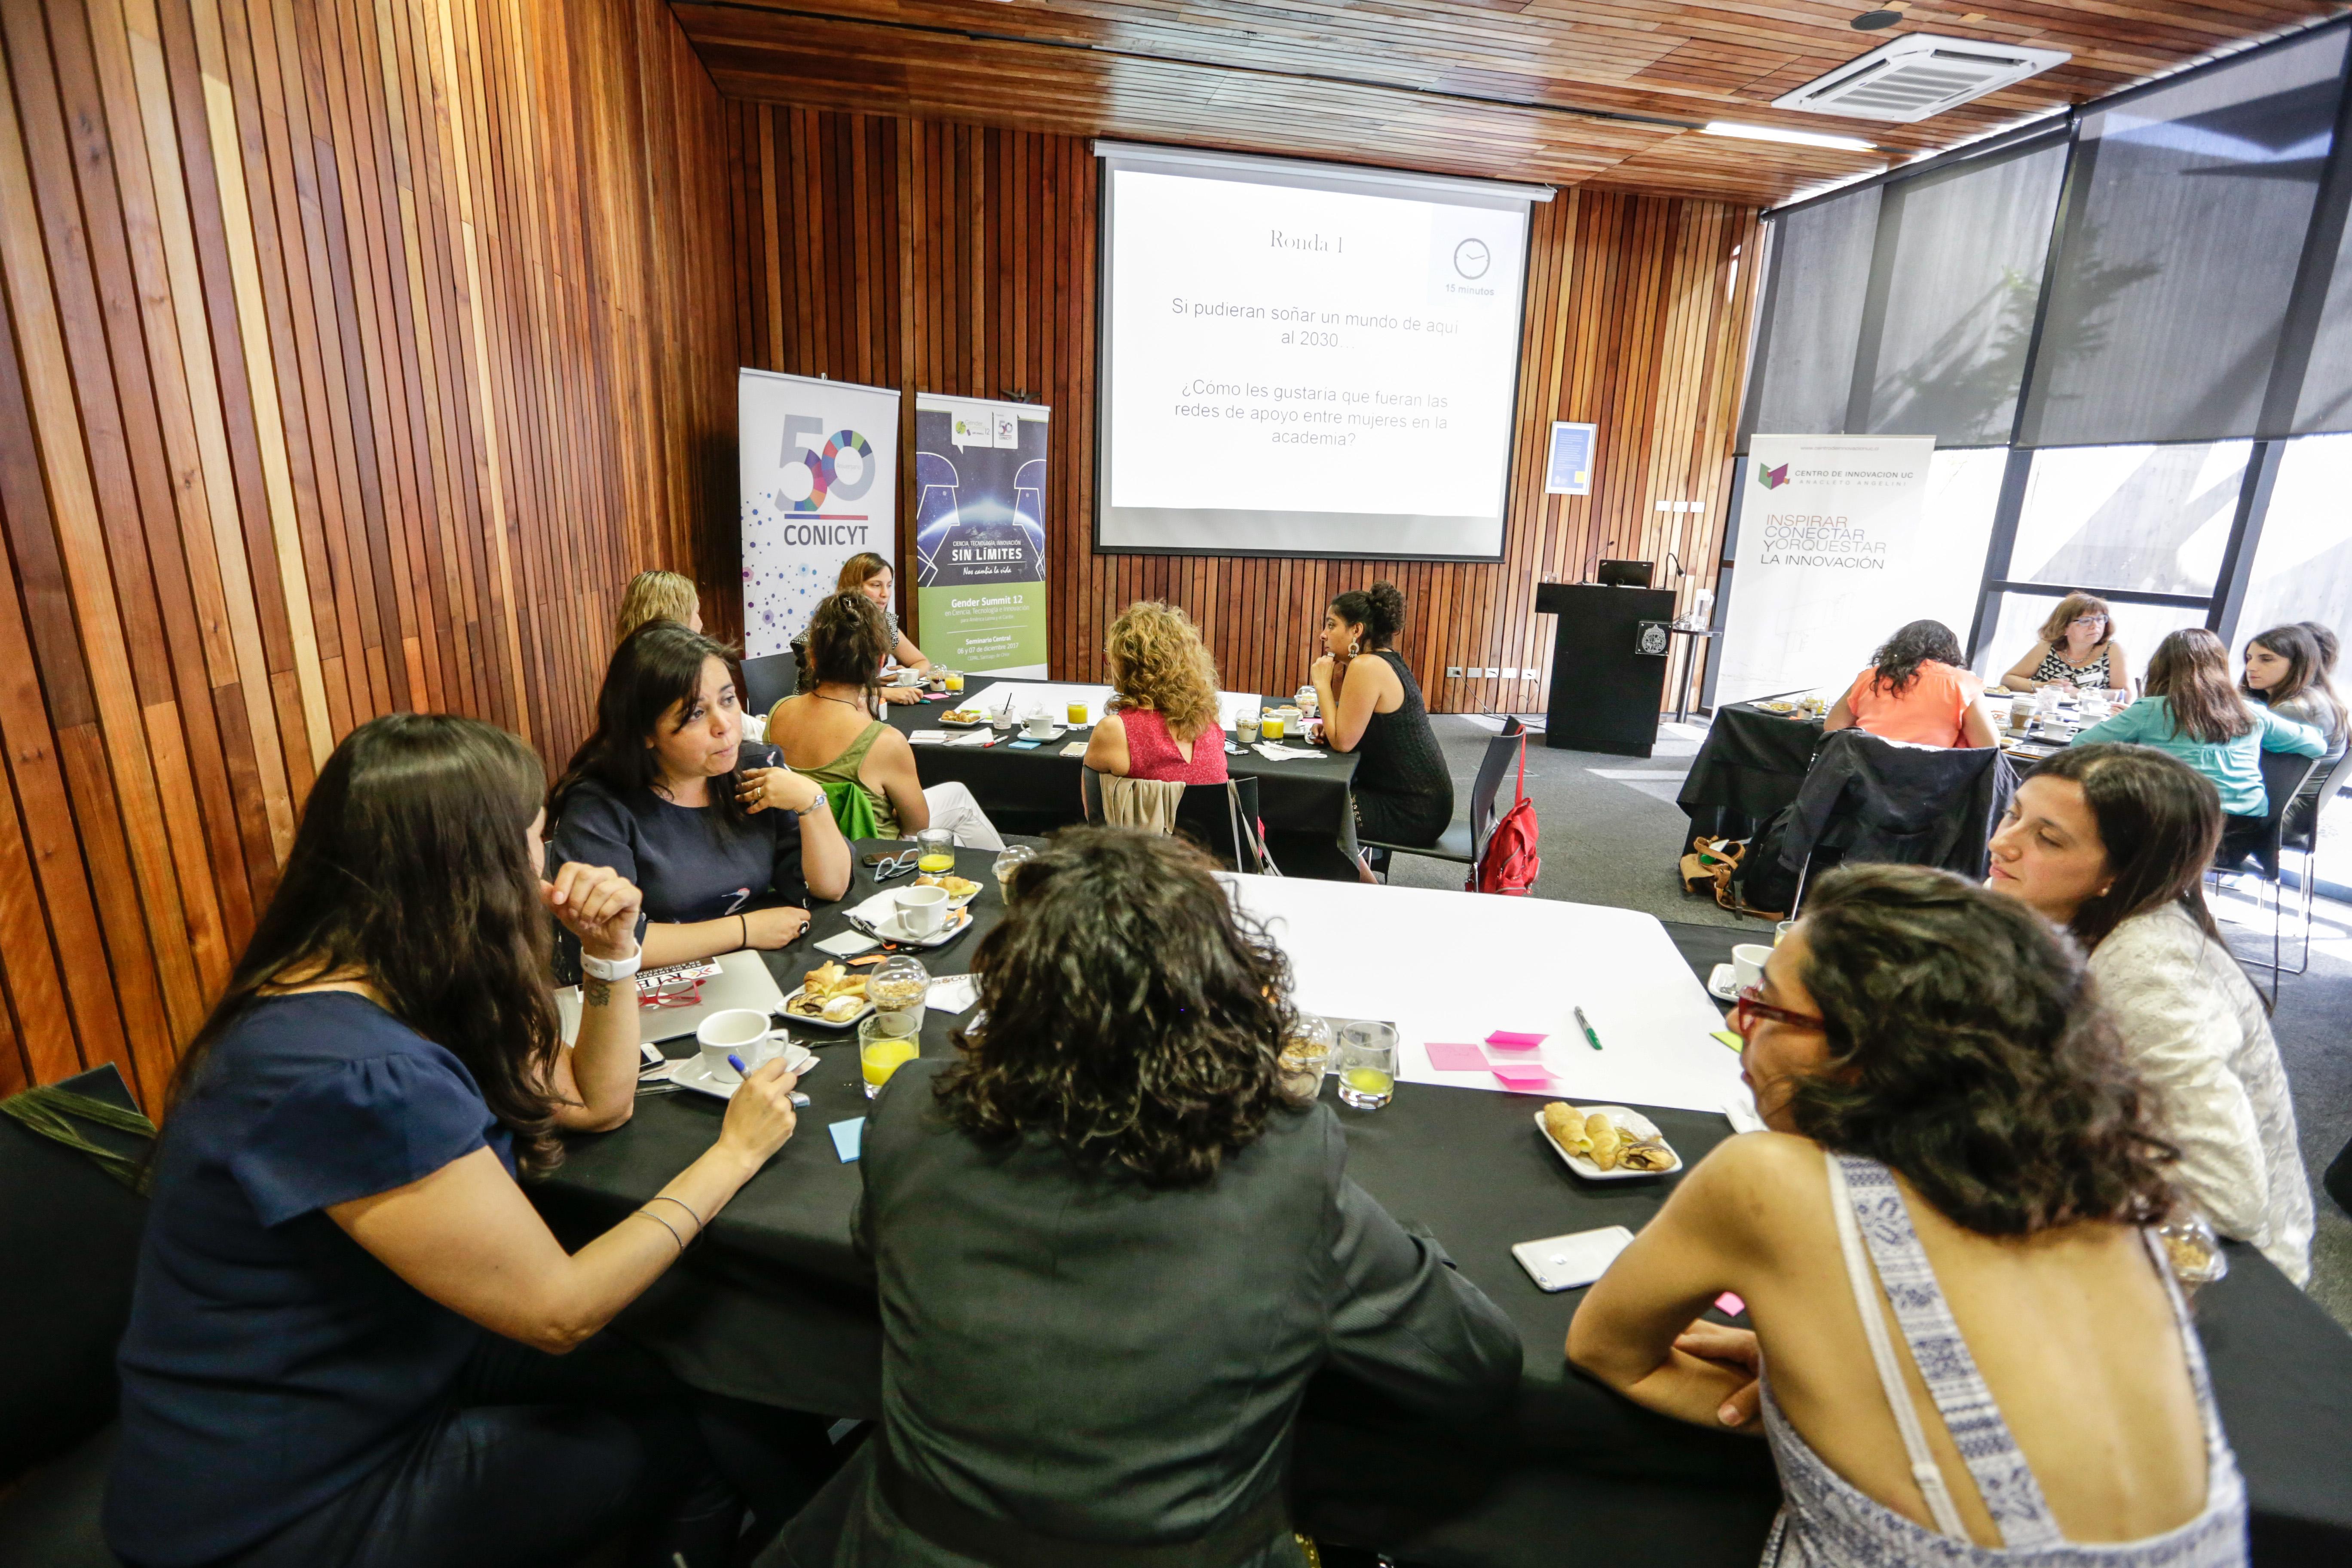 Mujeres de la academia se reúnen en diálogo sobre redes de apoyo